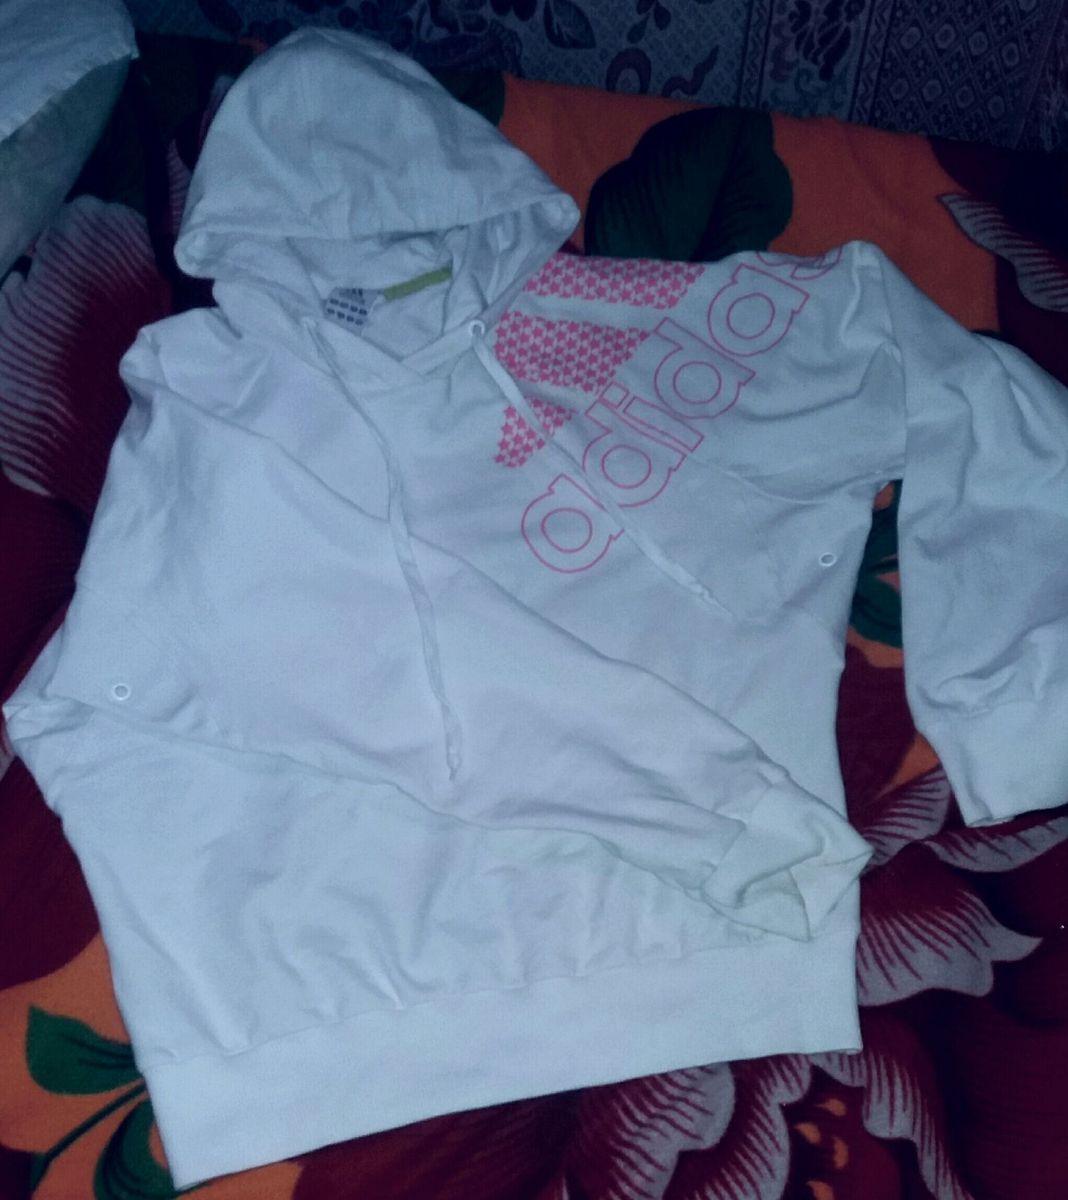 237a079940d blusa de frio adidas original - blusas adidas original usada 2 vezes